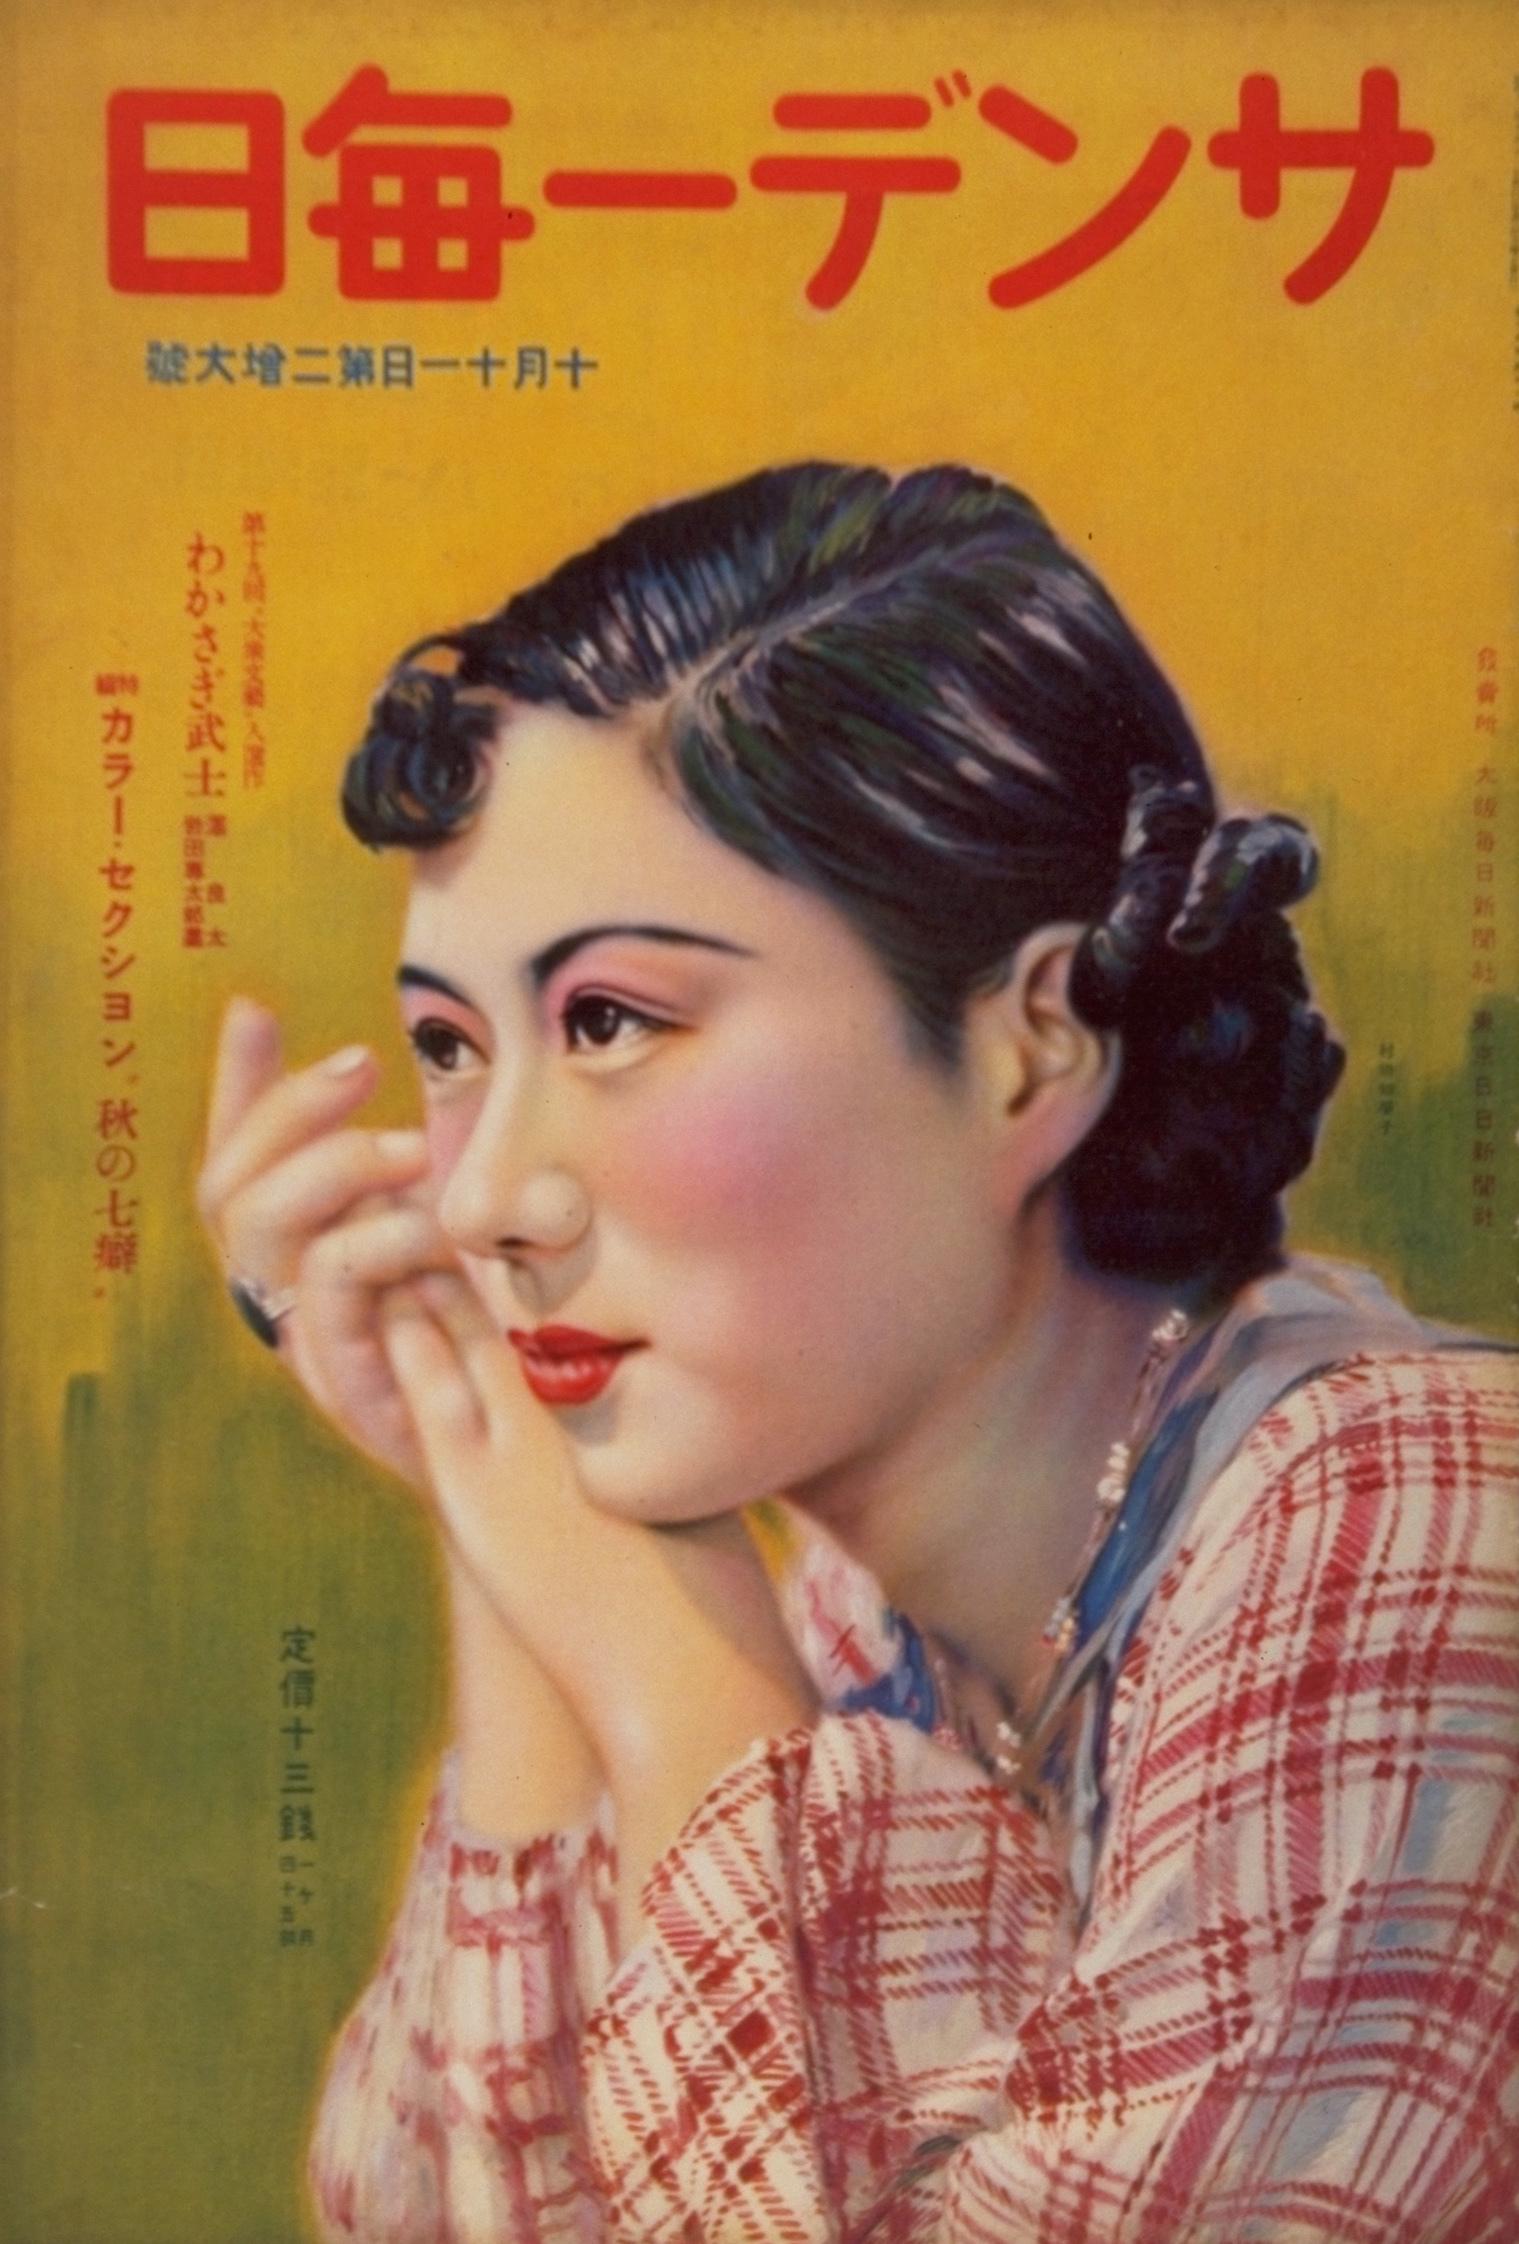 毎日新聞社『サンデー毎日』昭和11年10月11日号 1936年 アドミュージアム東京蔵